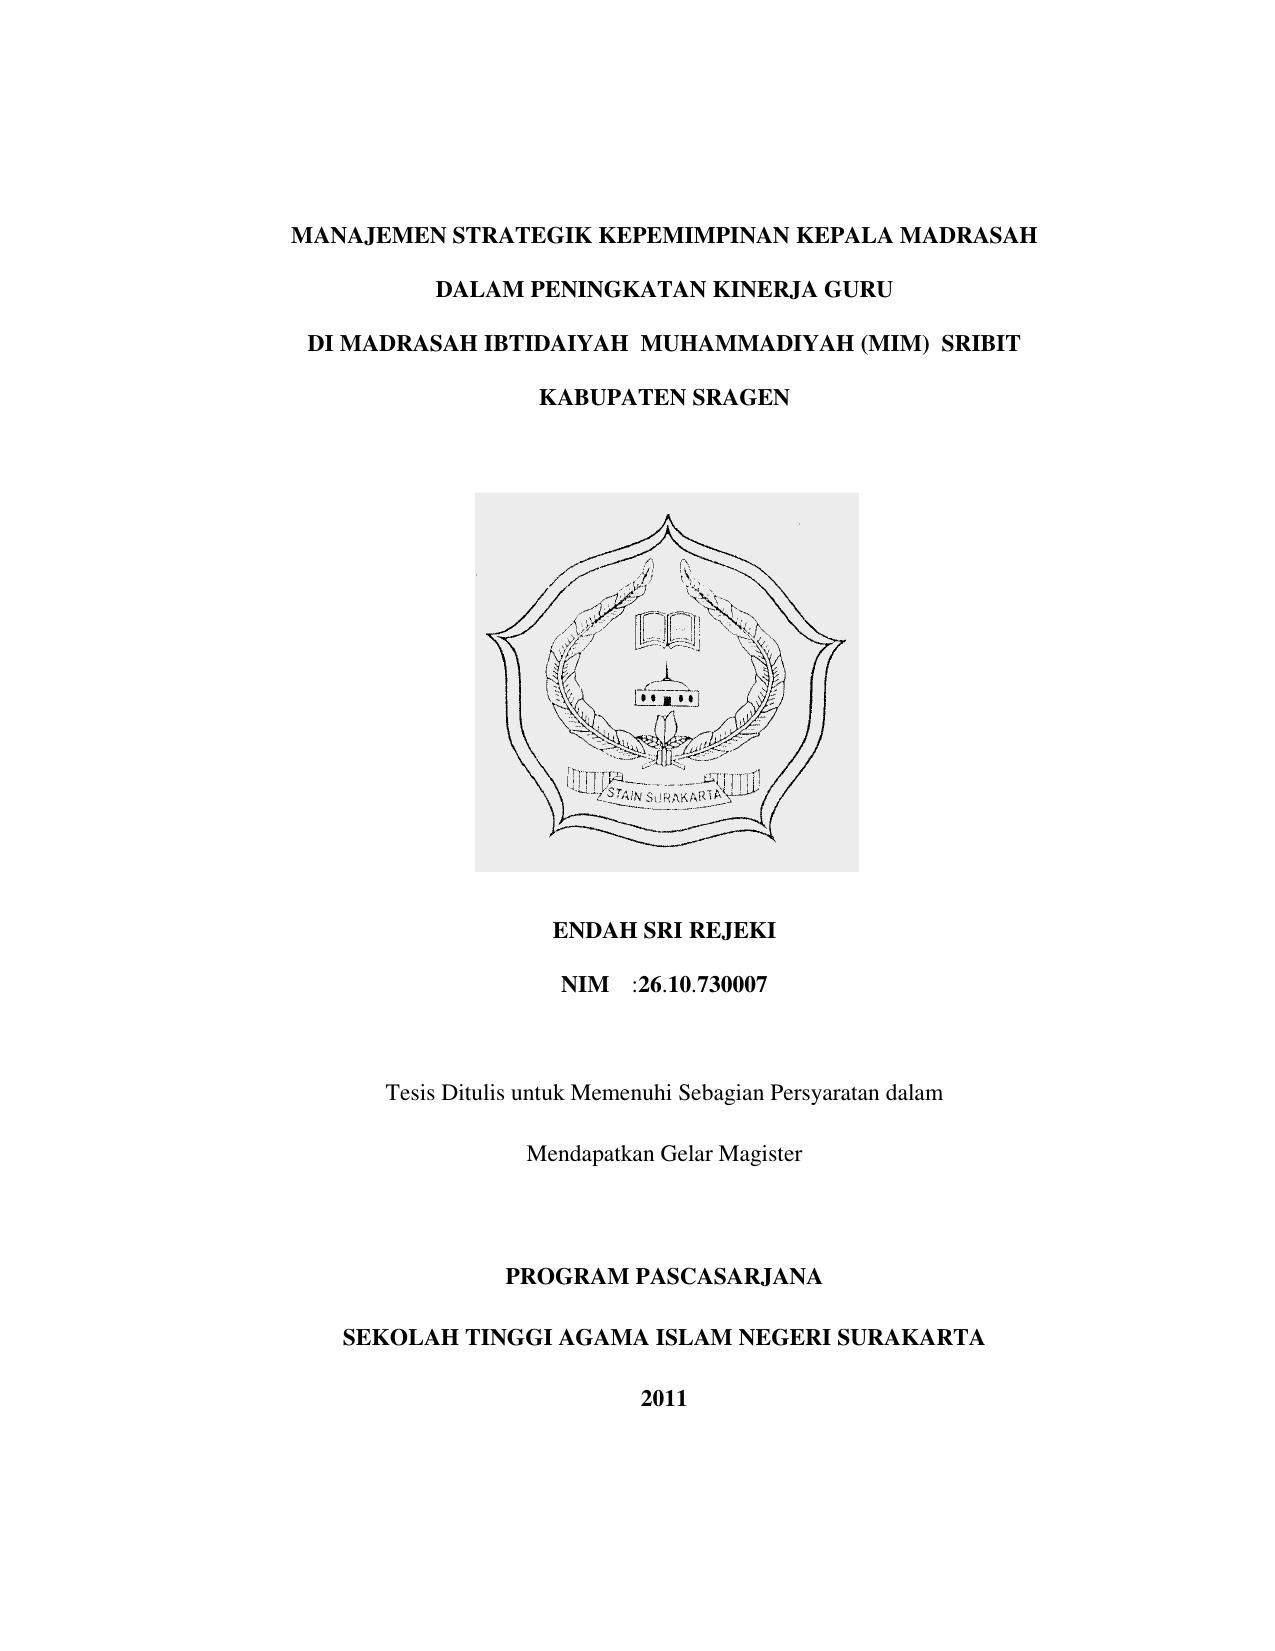 Manajemen Strategik Kepemimpinan Kepala Madrasah Dalam